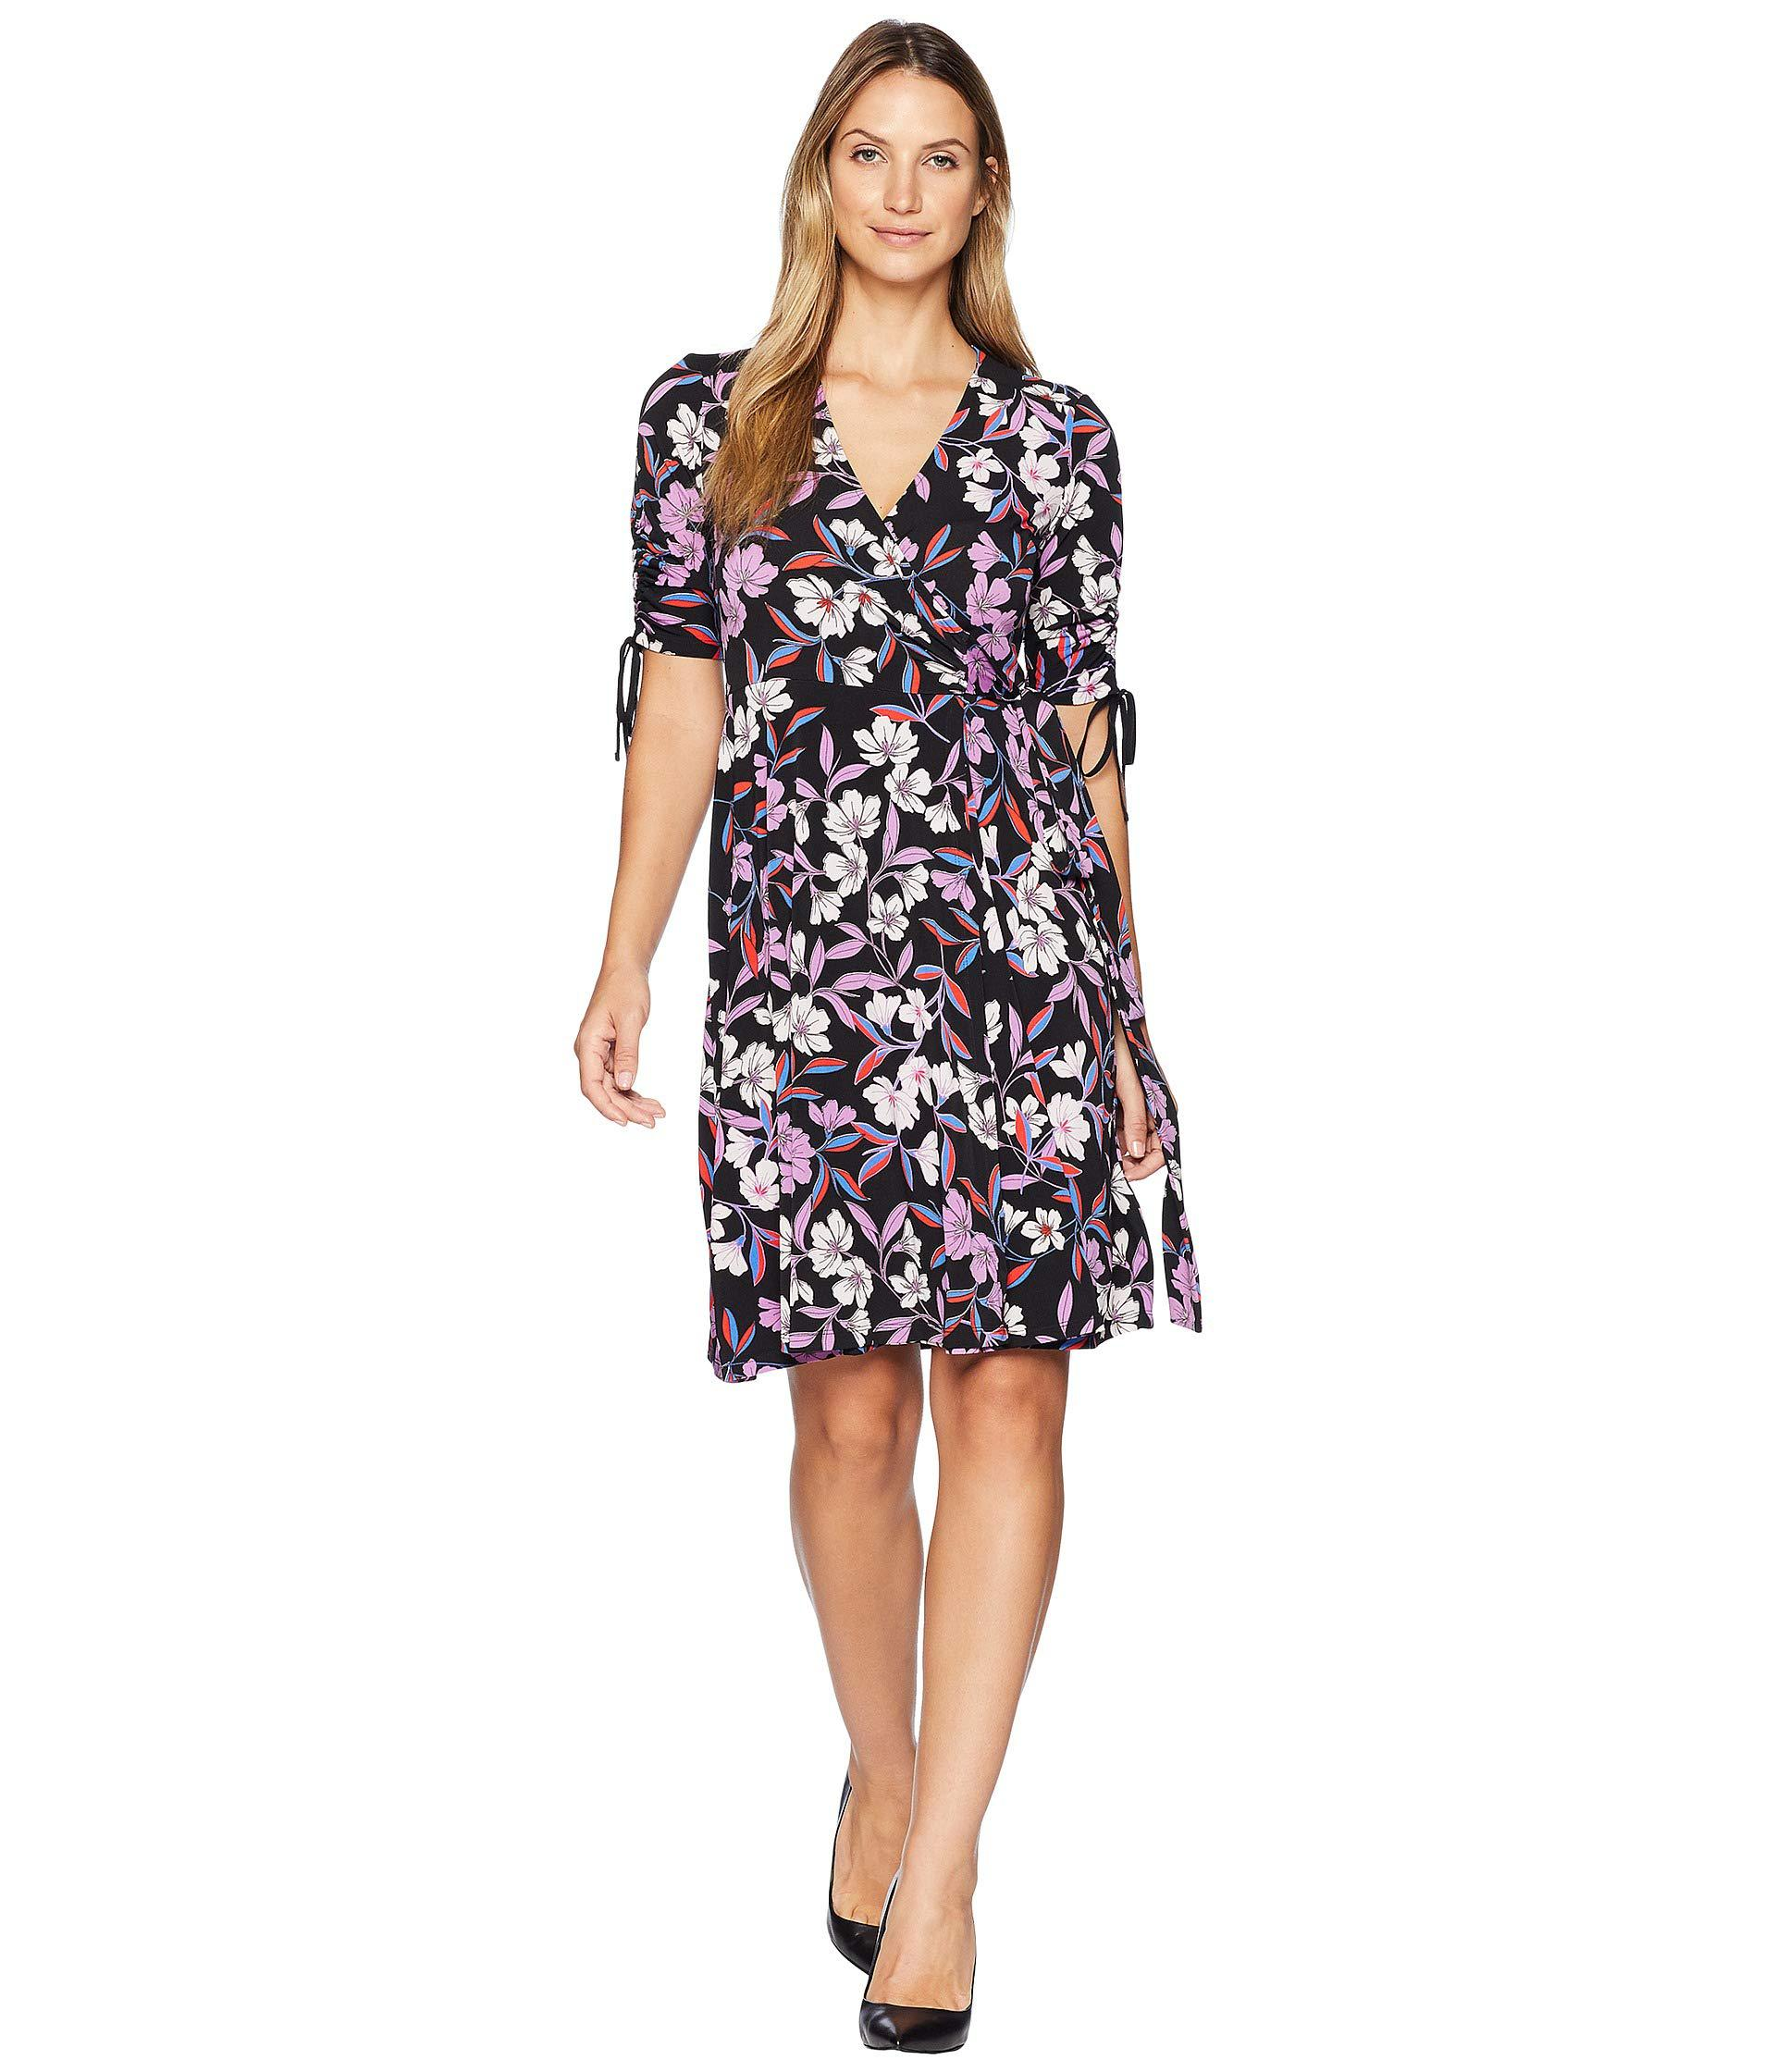 Lyst - Donna Morgan Short Gathered Sleeve Wrap Dress c9f27f9ab